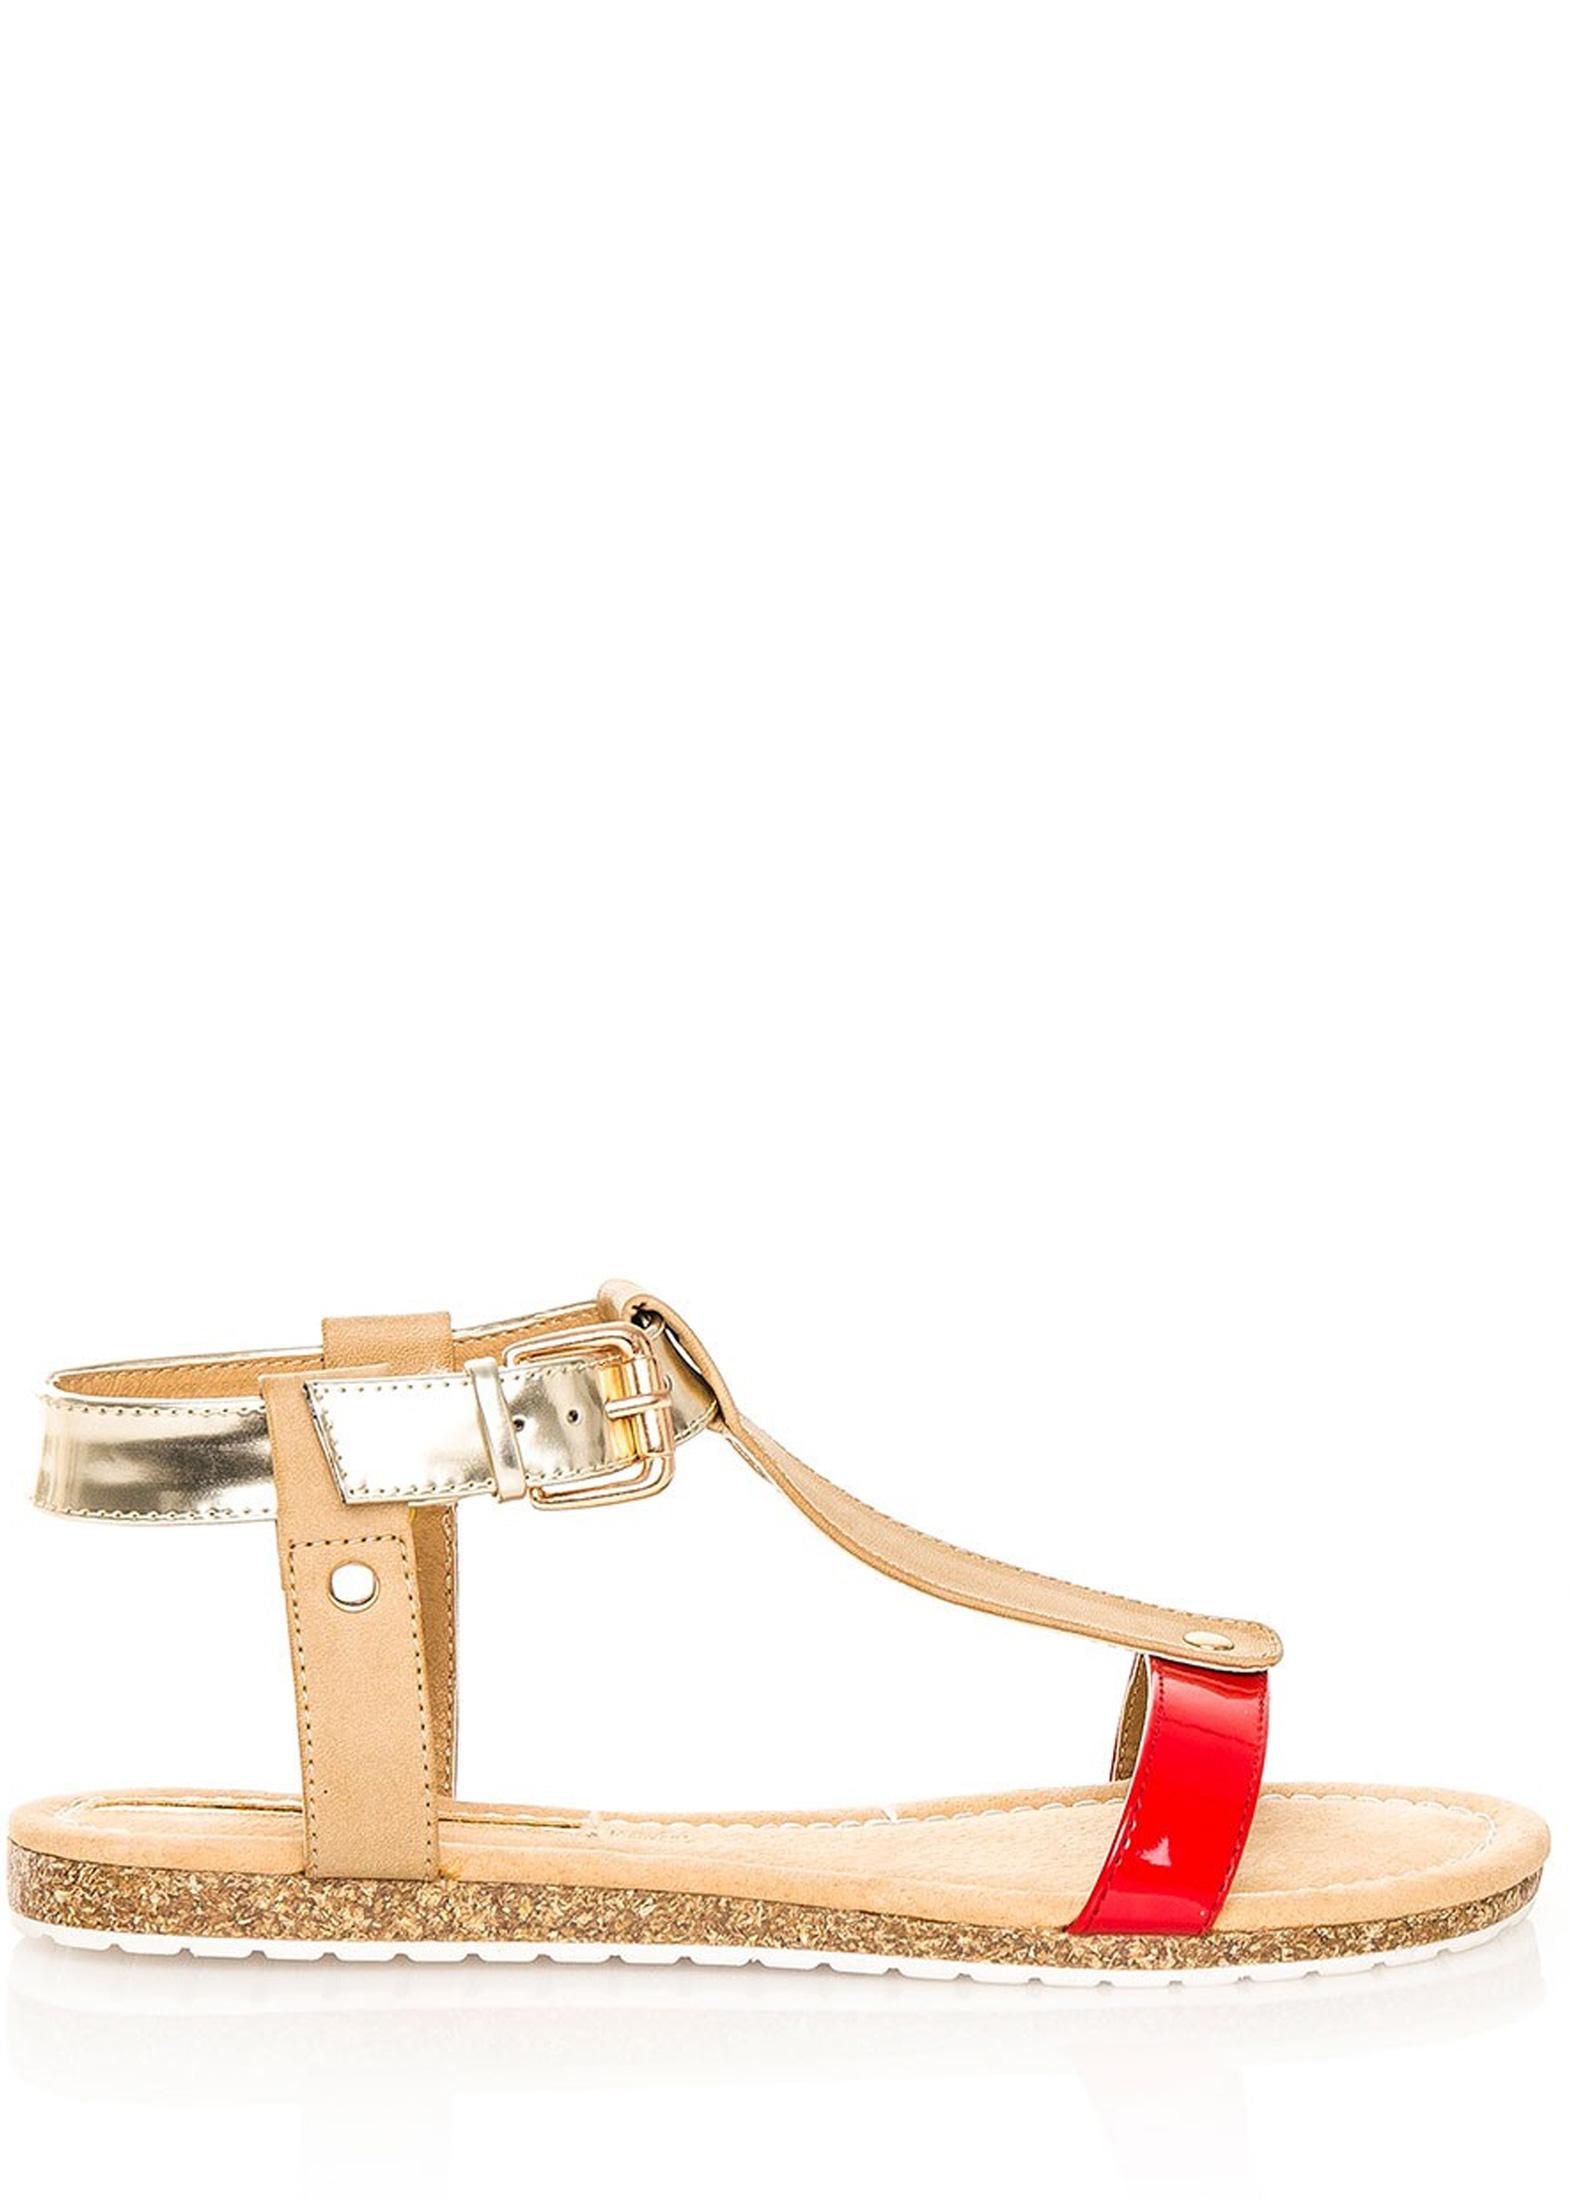 f07e1064c Červeno-zlaté korkové letní sandálky MARIA MARE Velikost: 36